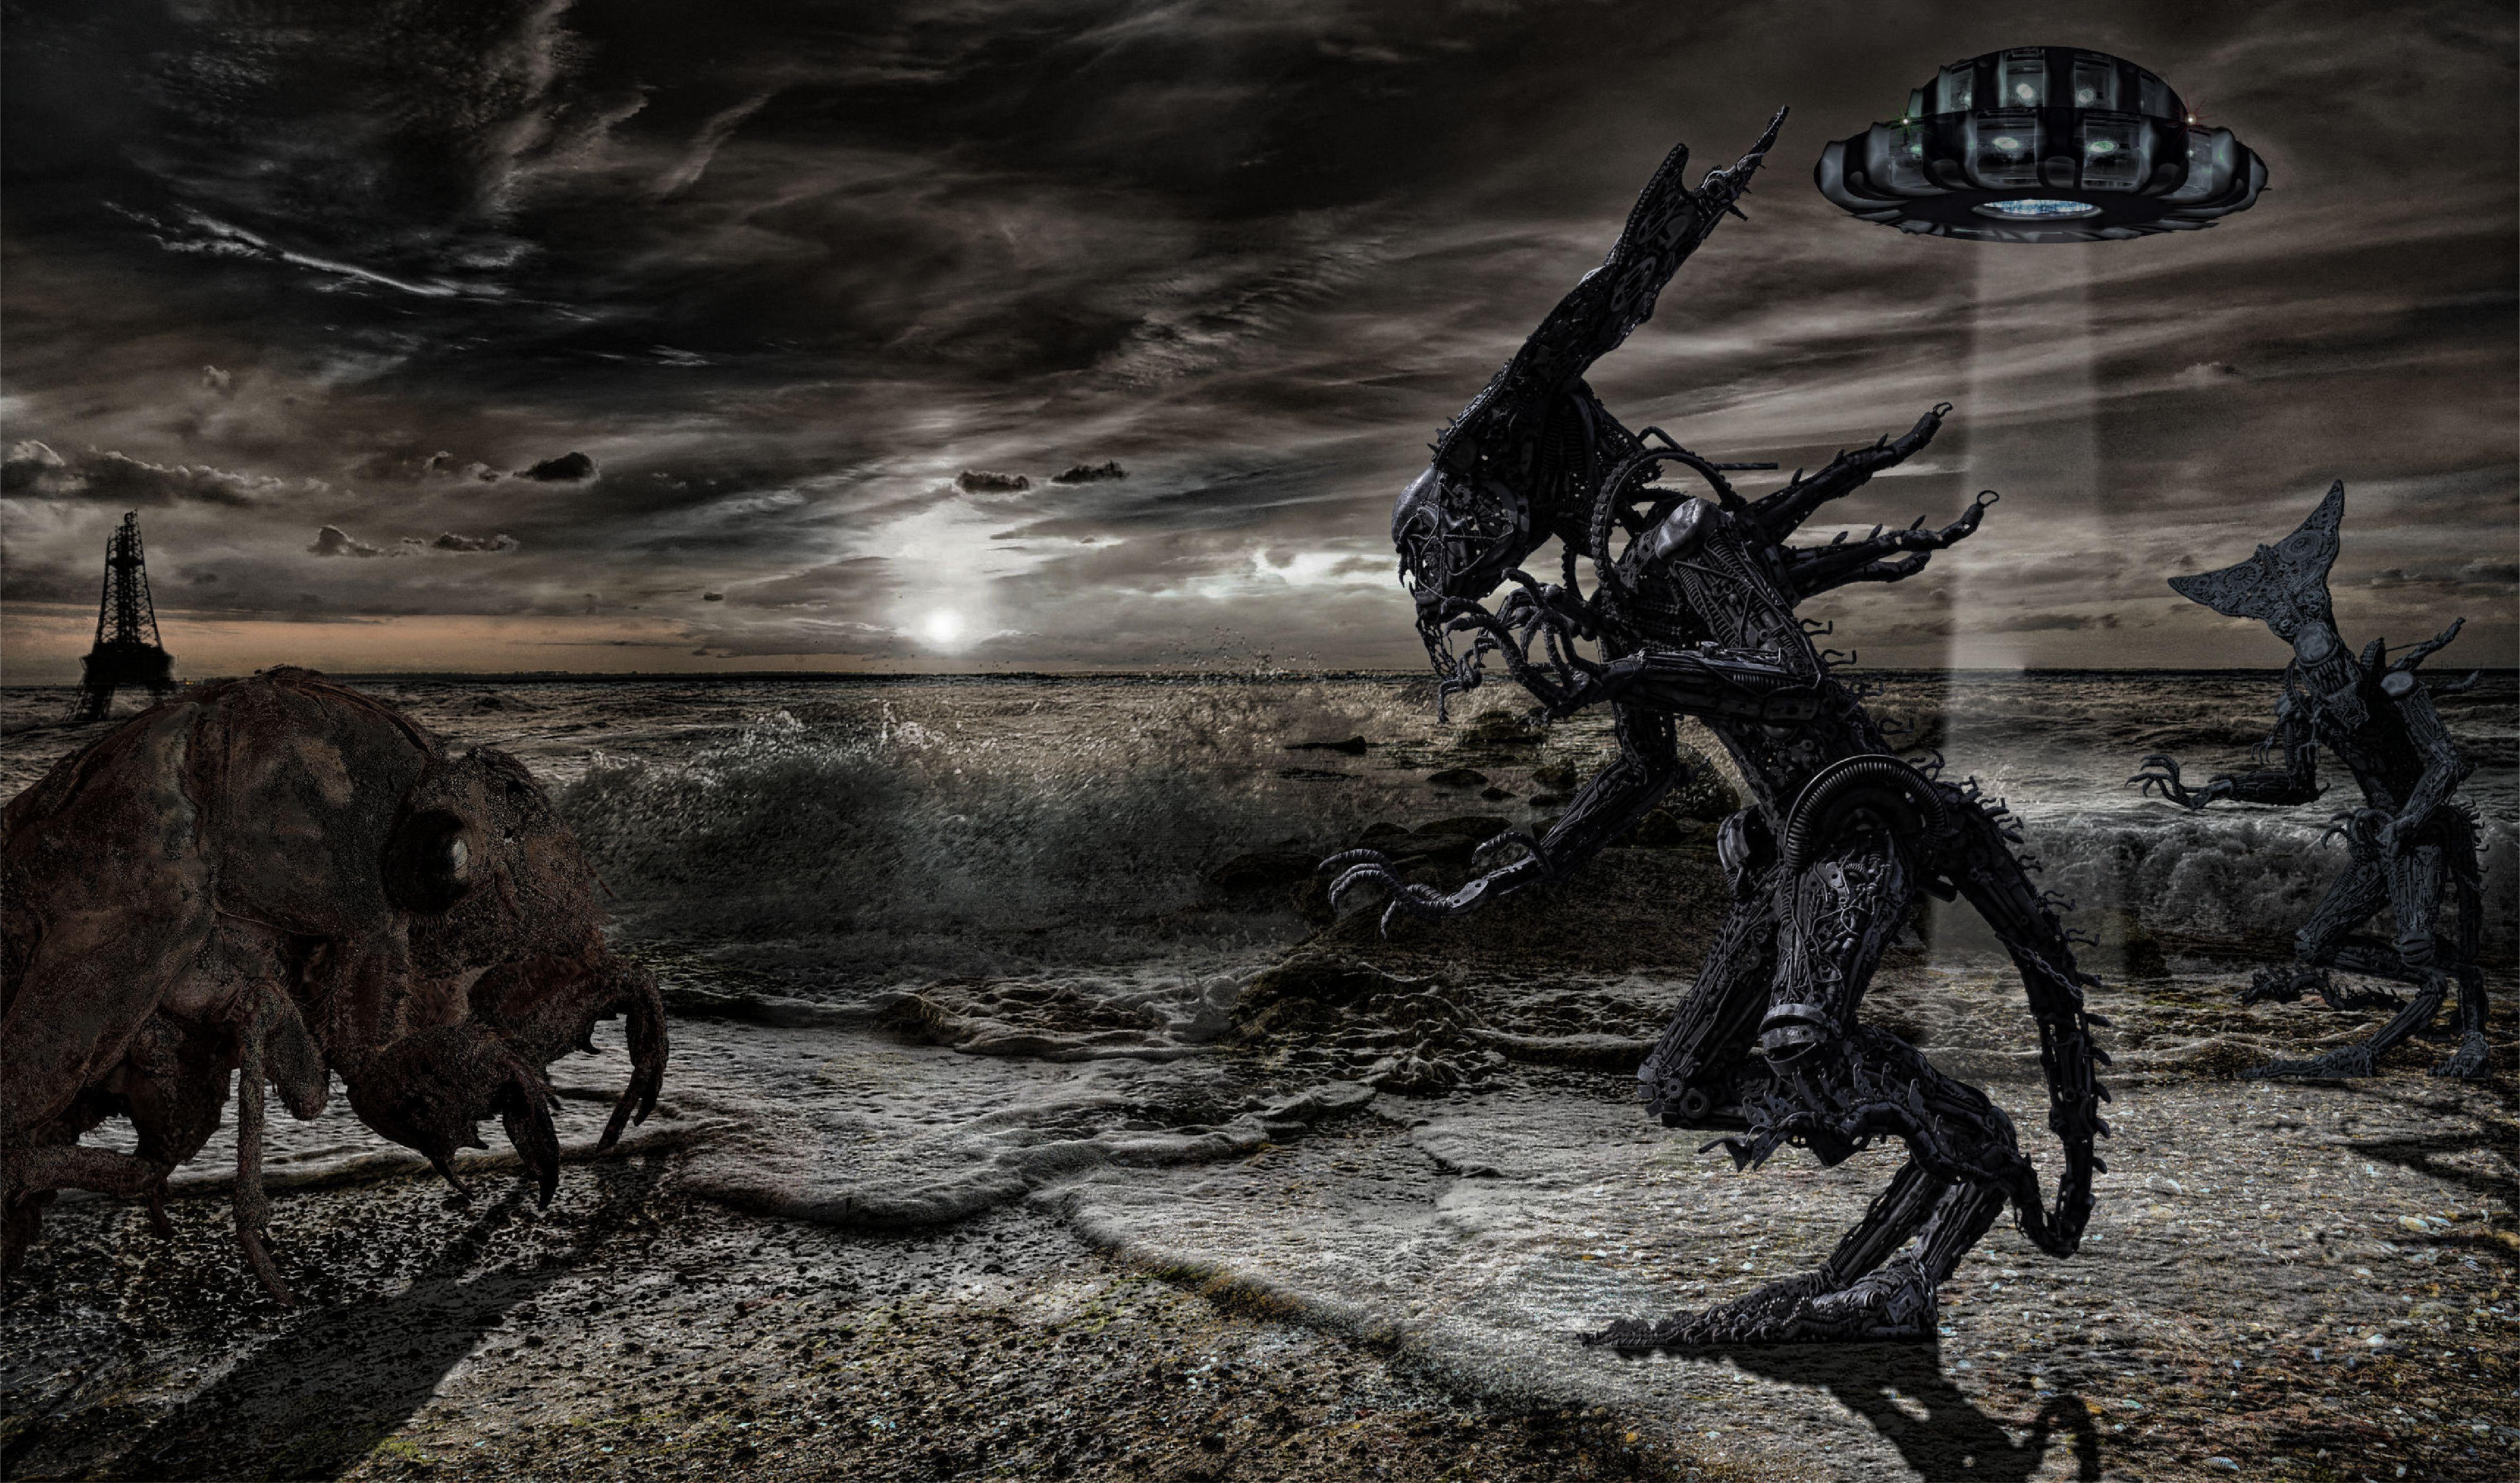 Обои статуя, разрушения, апокалипсис. Фантастика foto 12